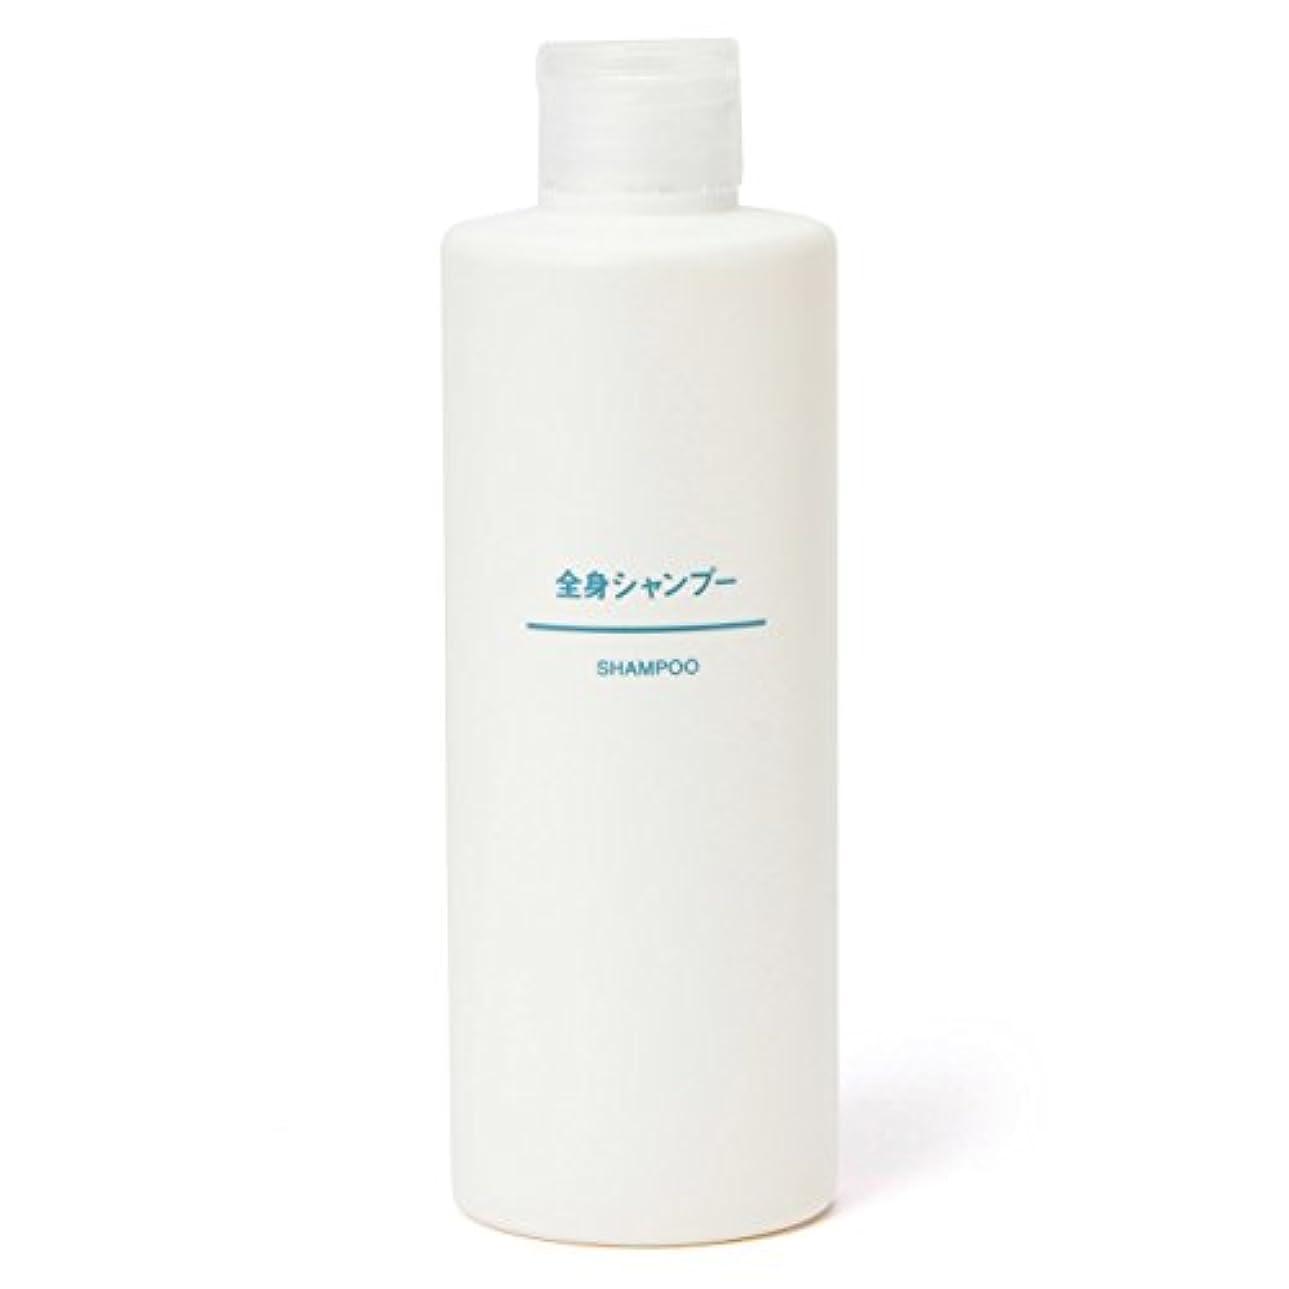 元気な風邪をひく明らかにする無印良品 全身シャンプー 300ml 日本製